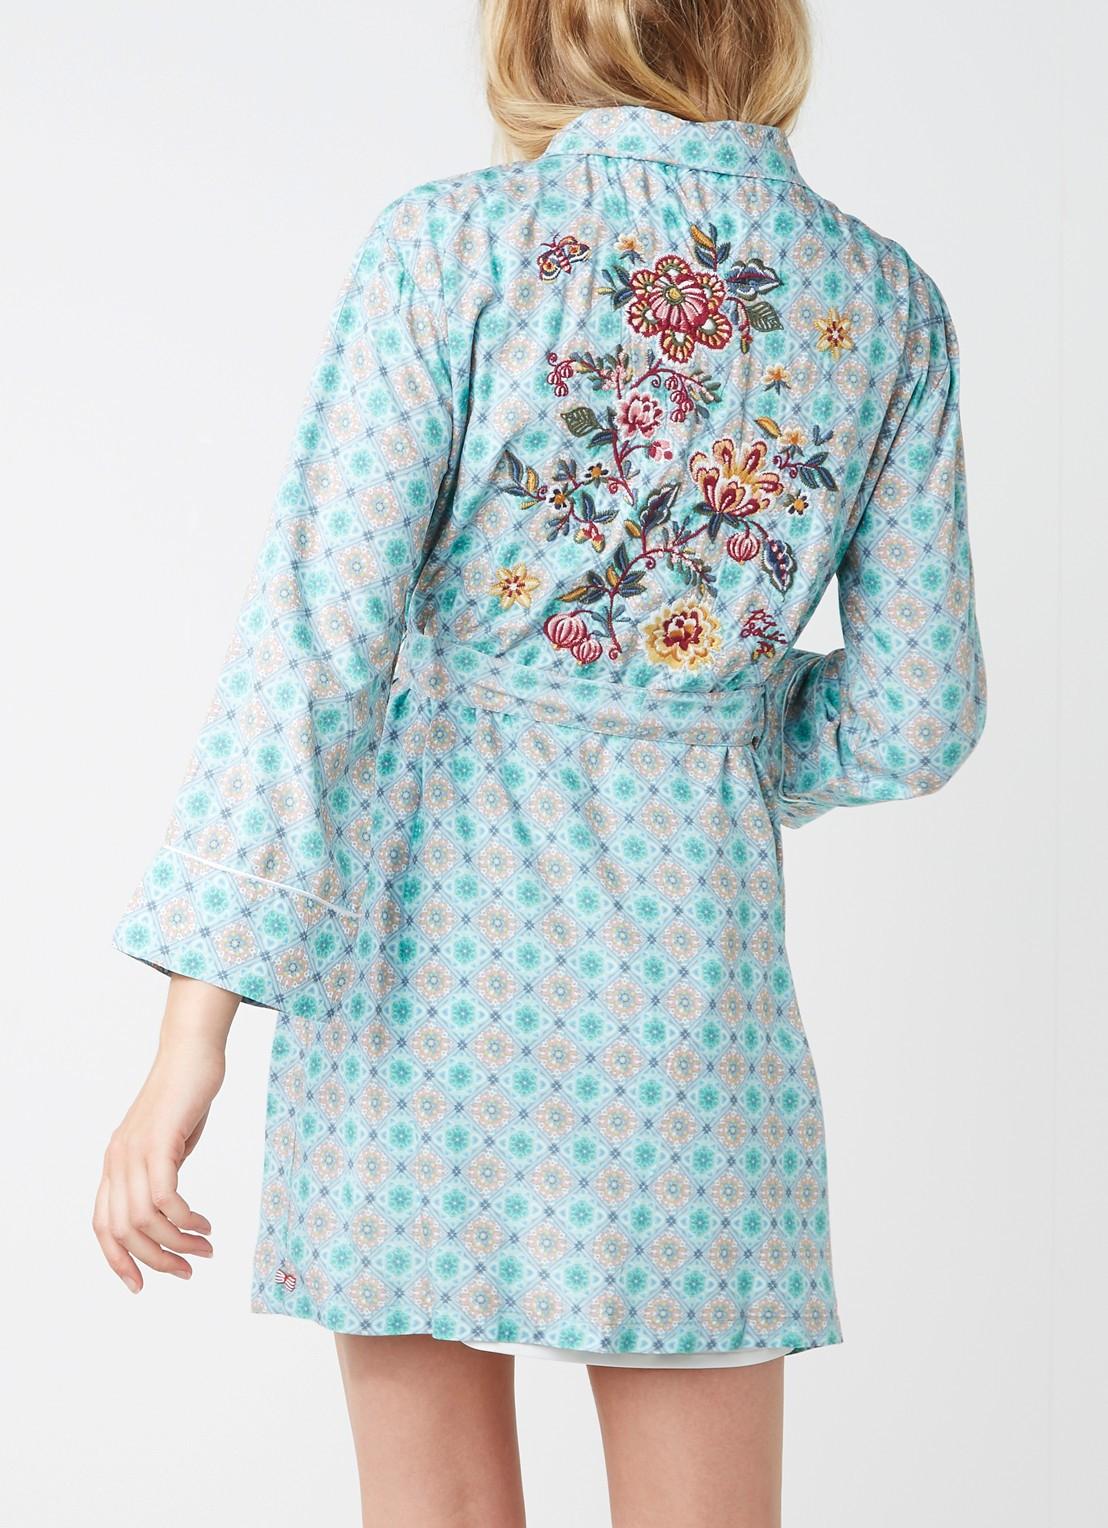 Pip Studio kimono €29,98 (was €99,95) @ De Bijenkorf